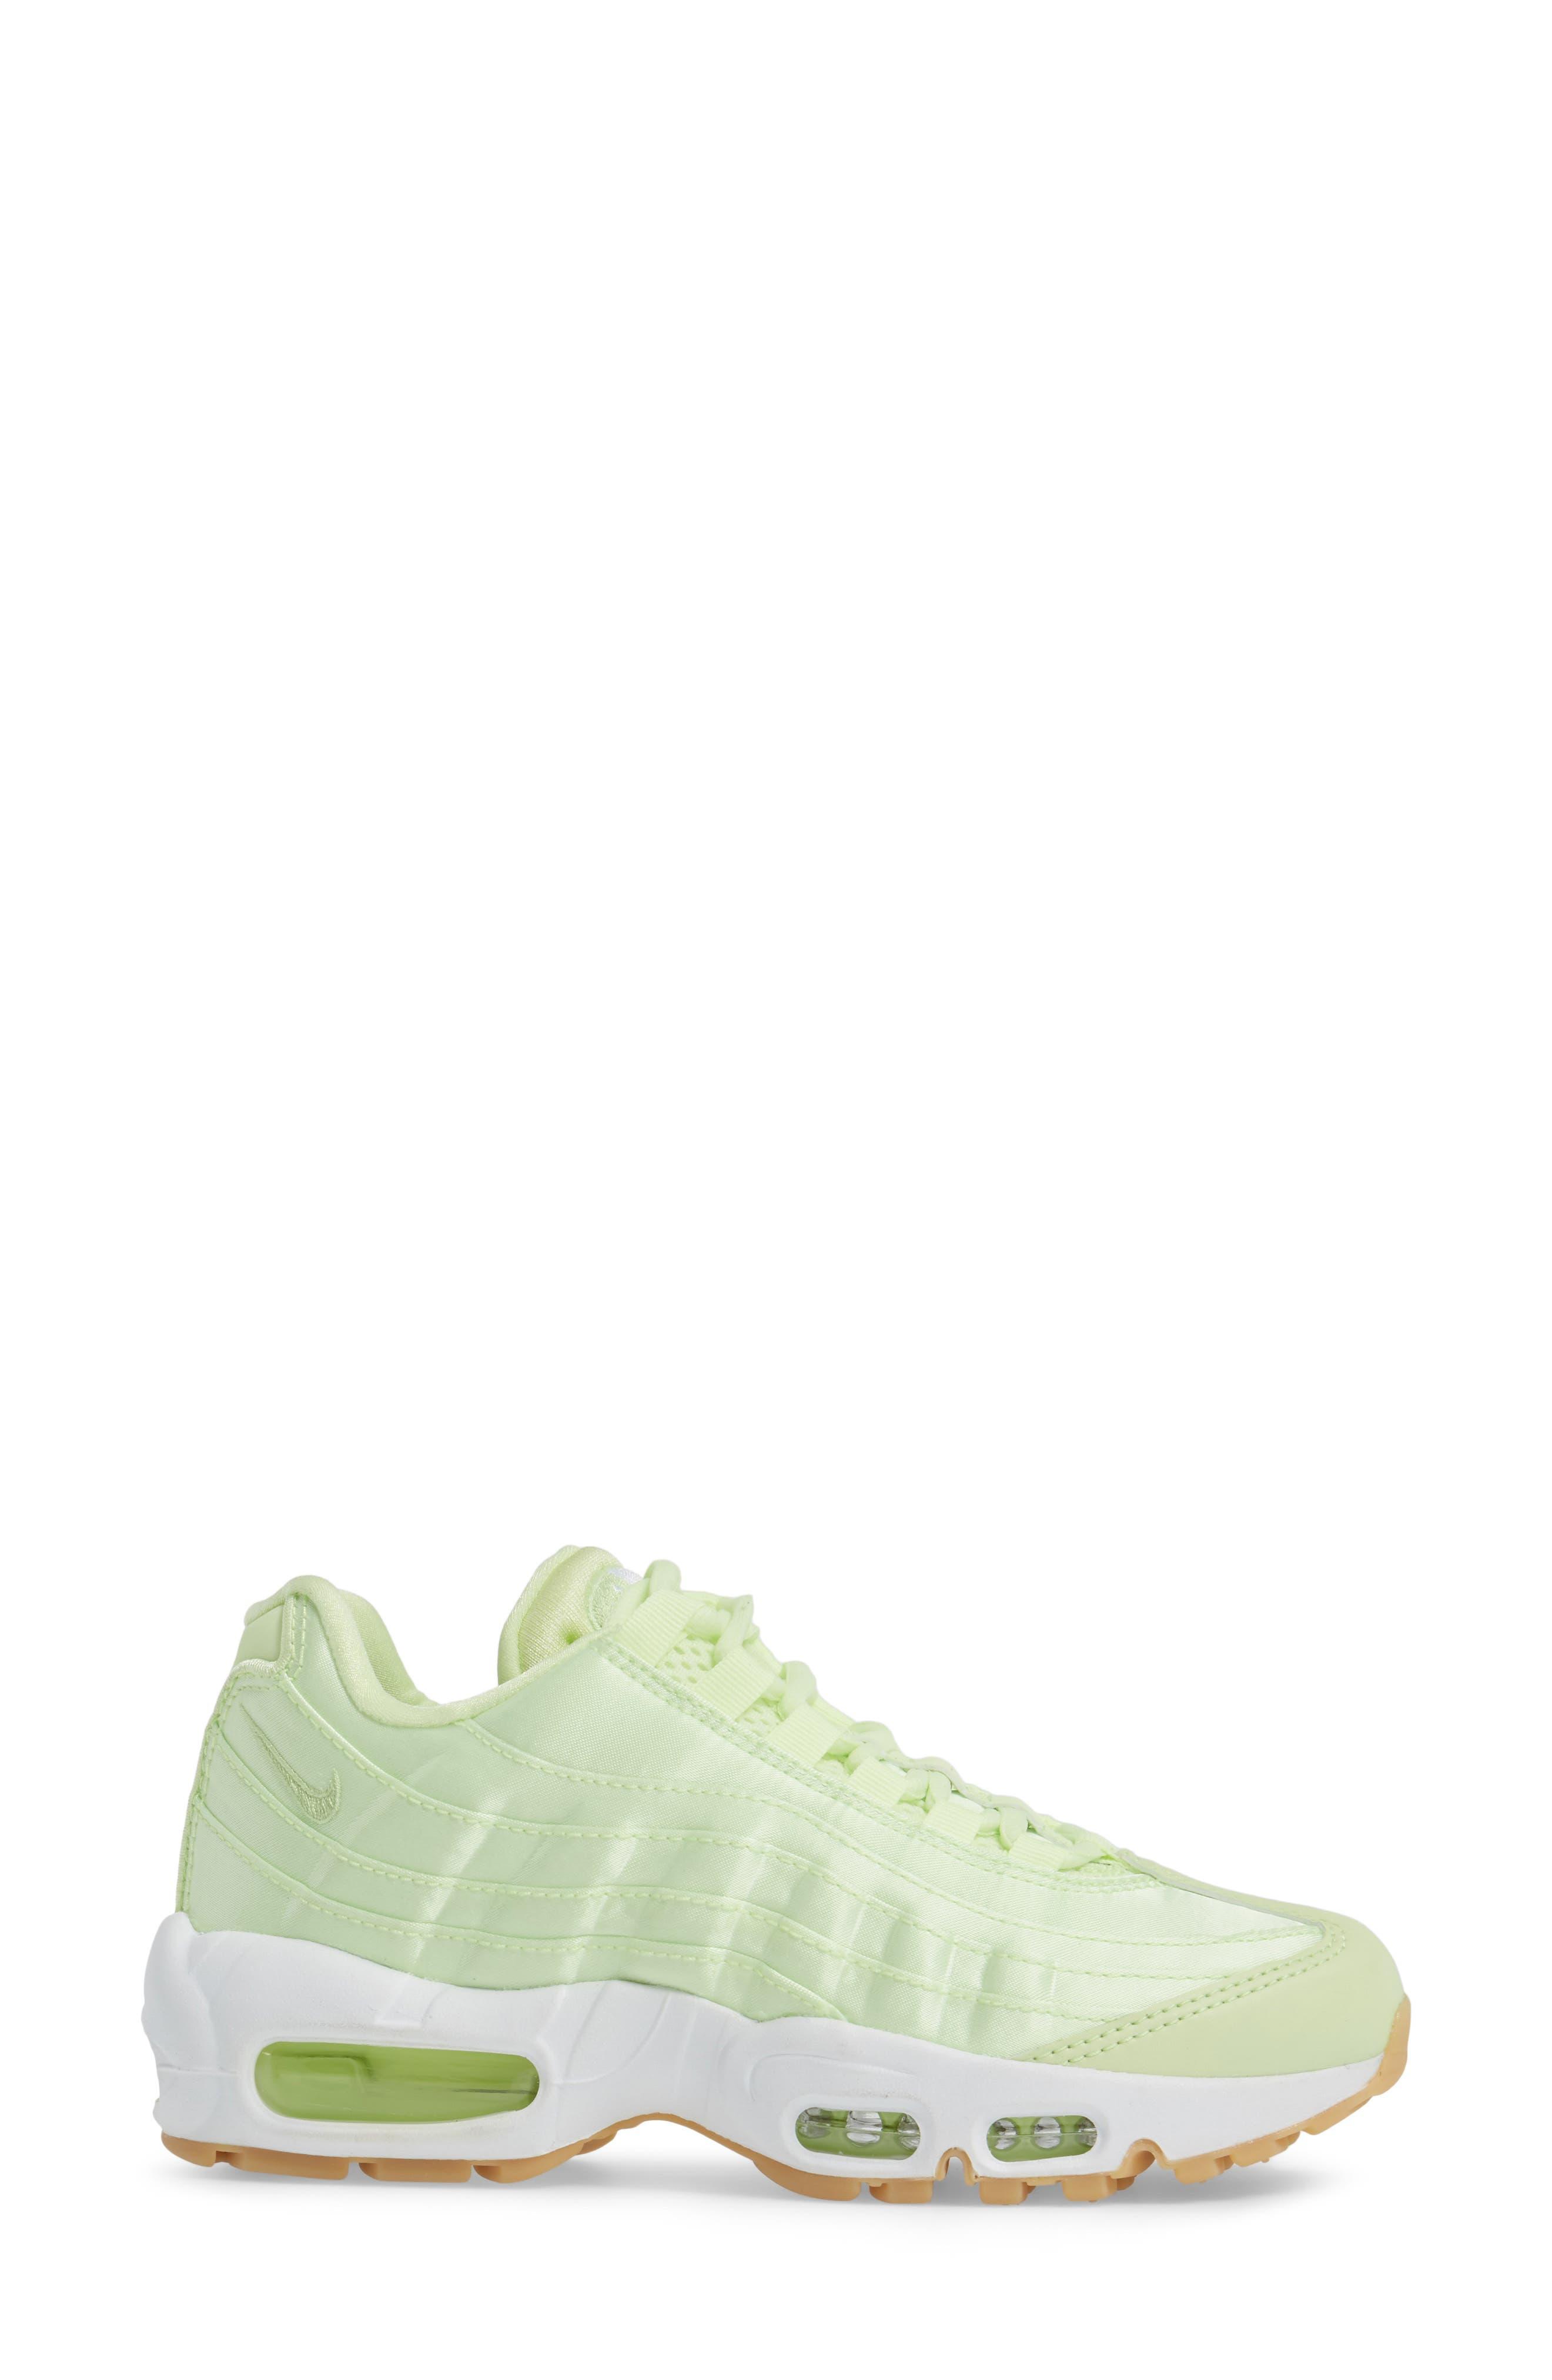 Air Max 95 QS Running Shoe,                             Alternate thumbnail 3, color,                             Liquid Lime/ Liquid Lime